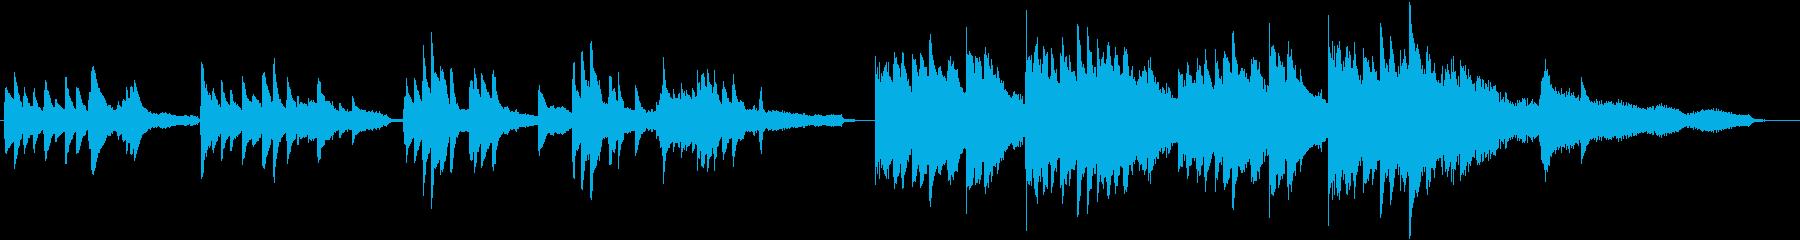 幻想的なピアノソロBGMの再生済みの波形